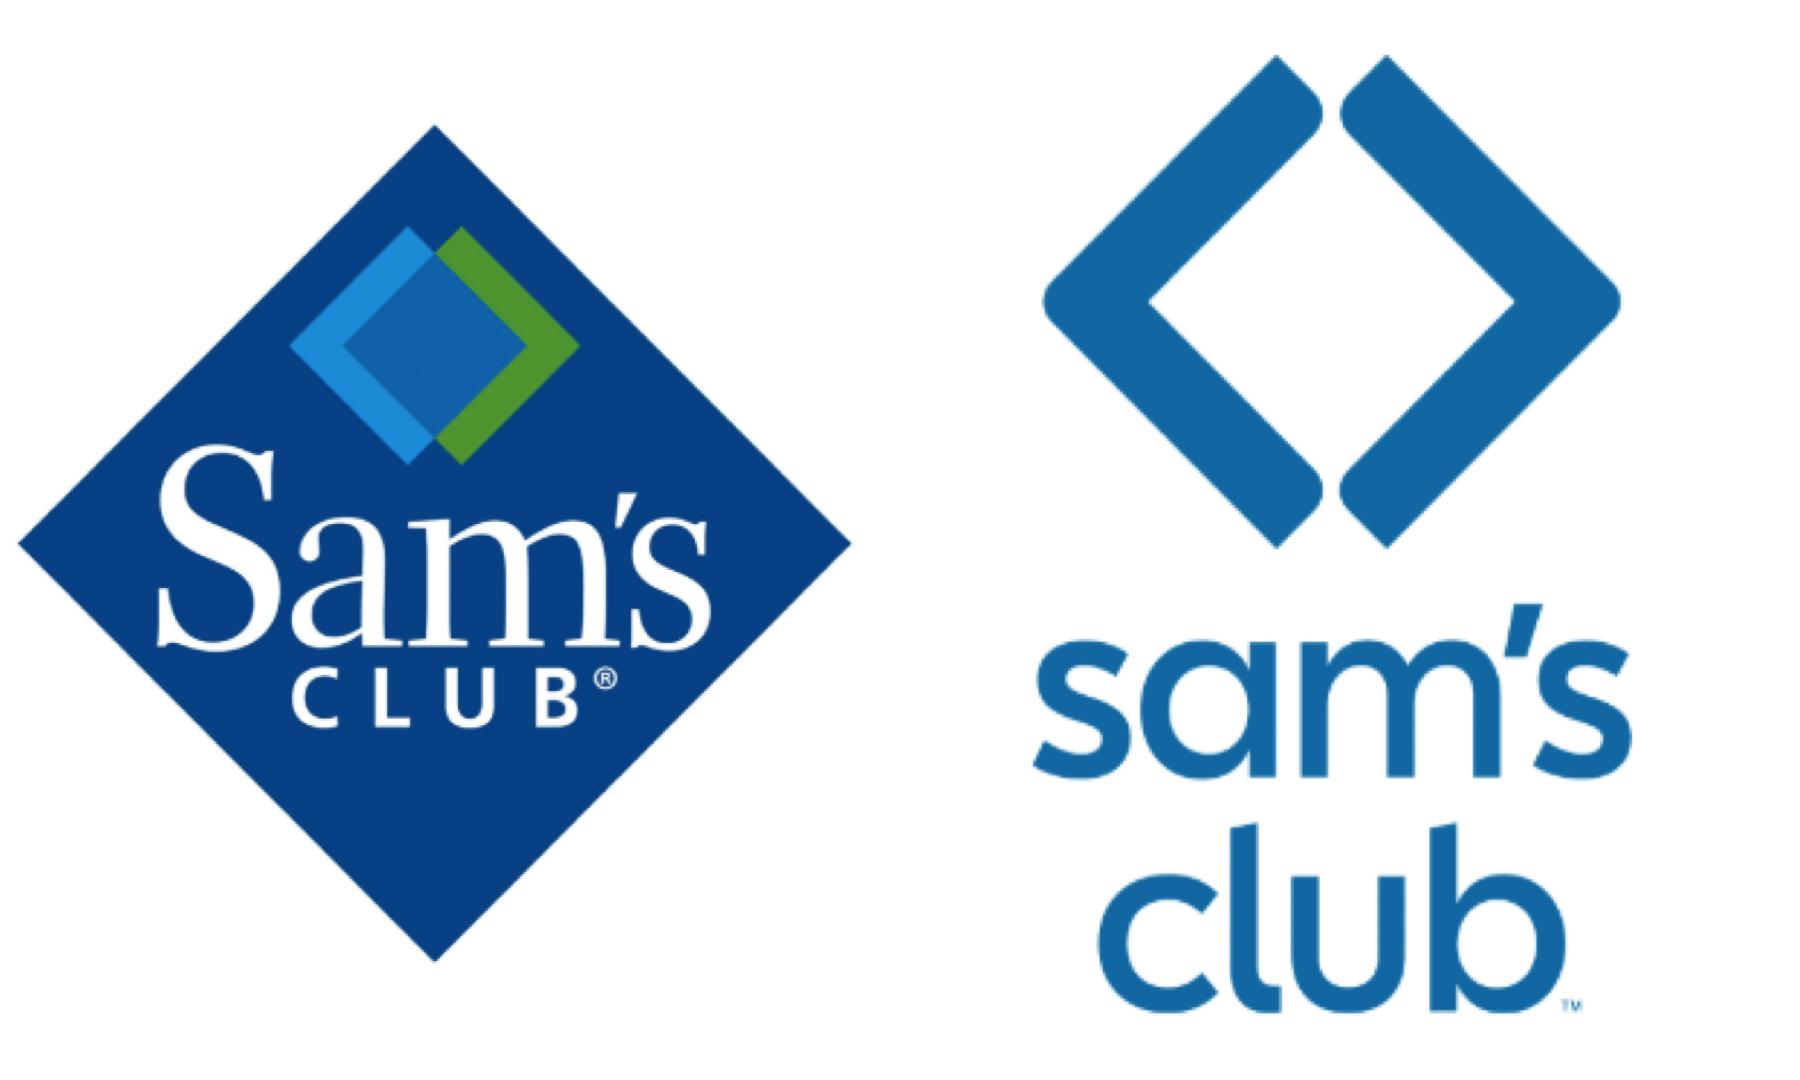 El nuevo logo de Sam's Club se convirtió en una versión reducida del rombo que lo identificaba, pero al parecer el diseño es demasiado simple.